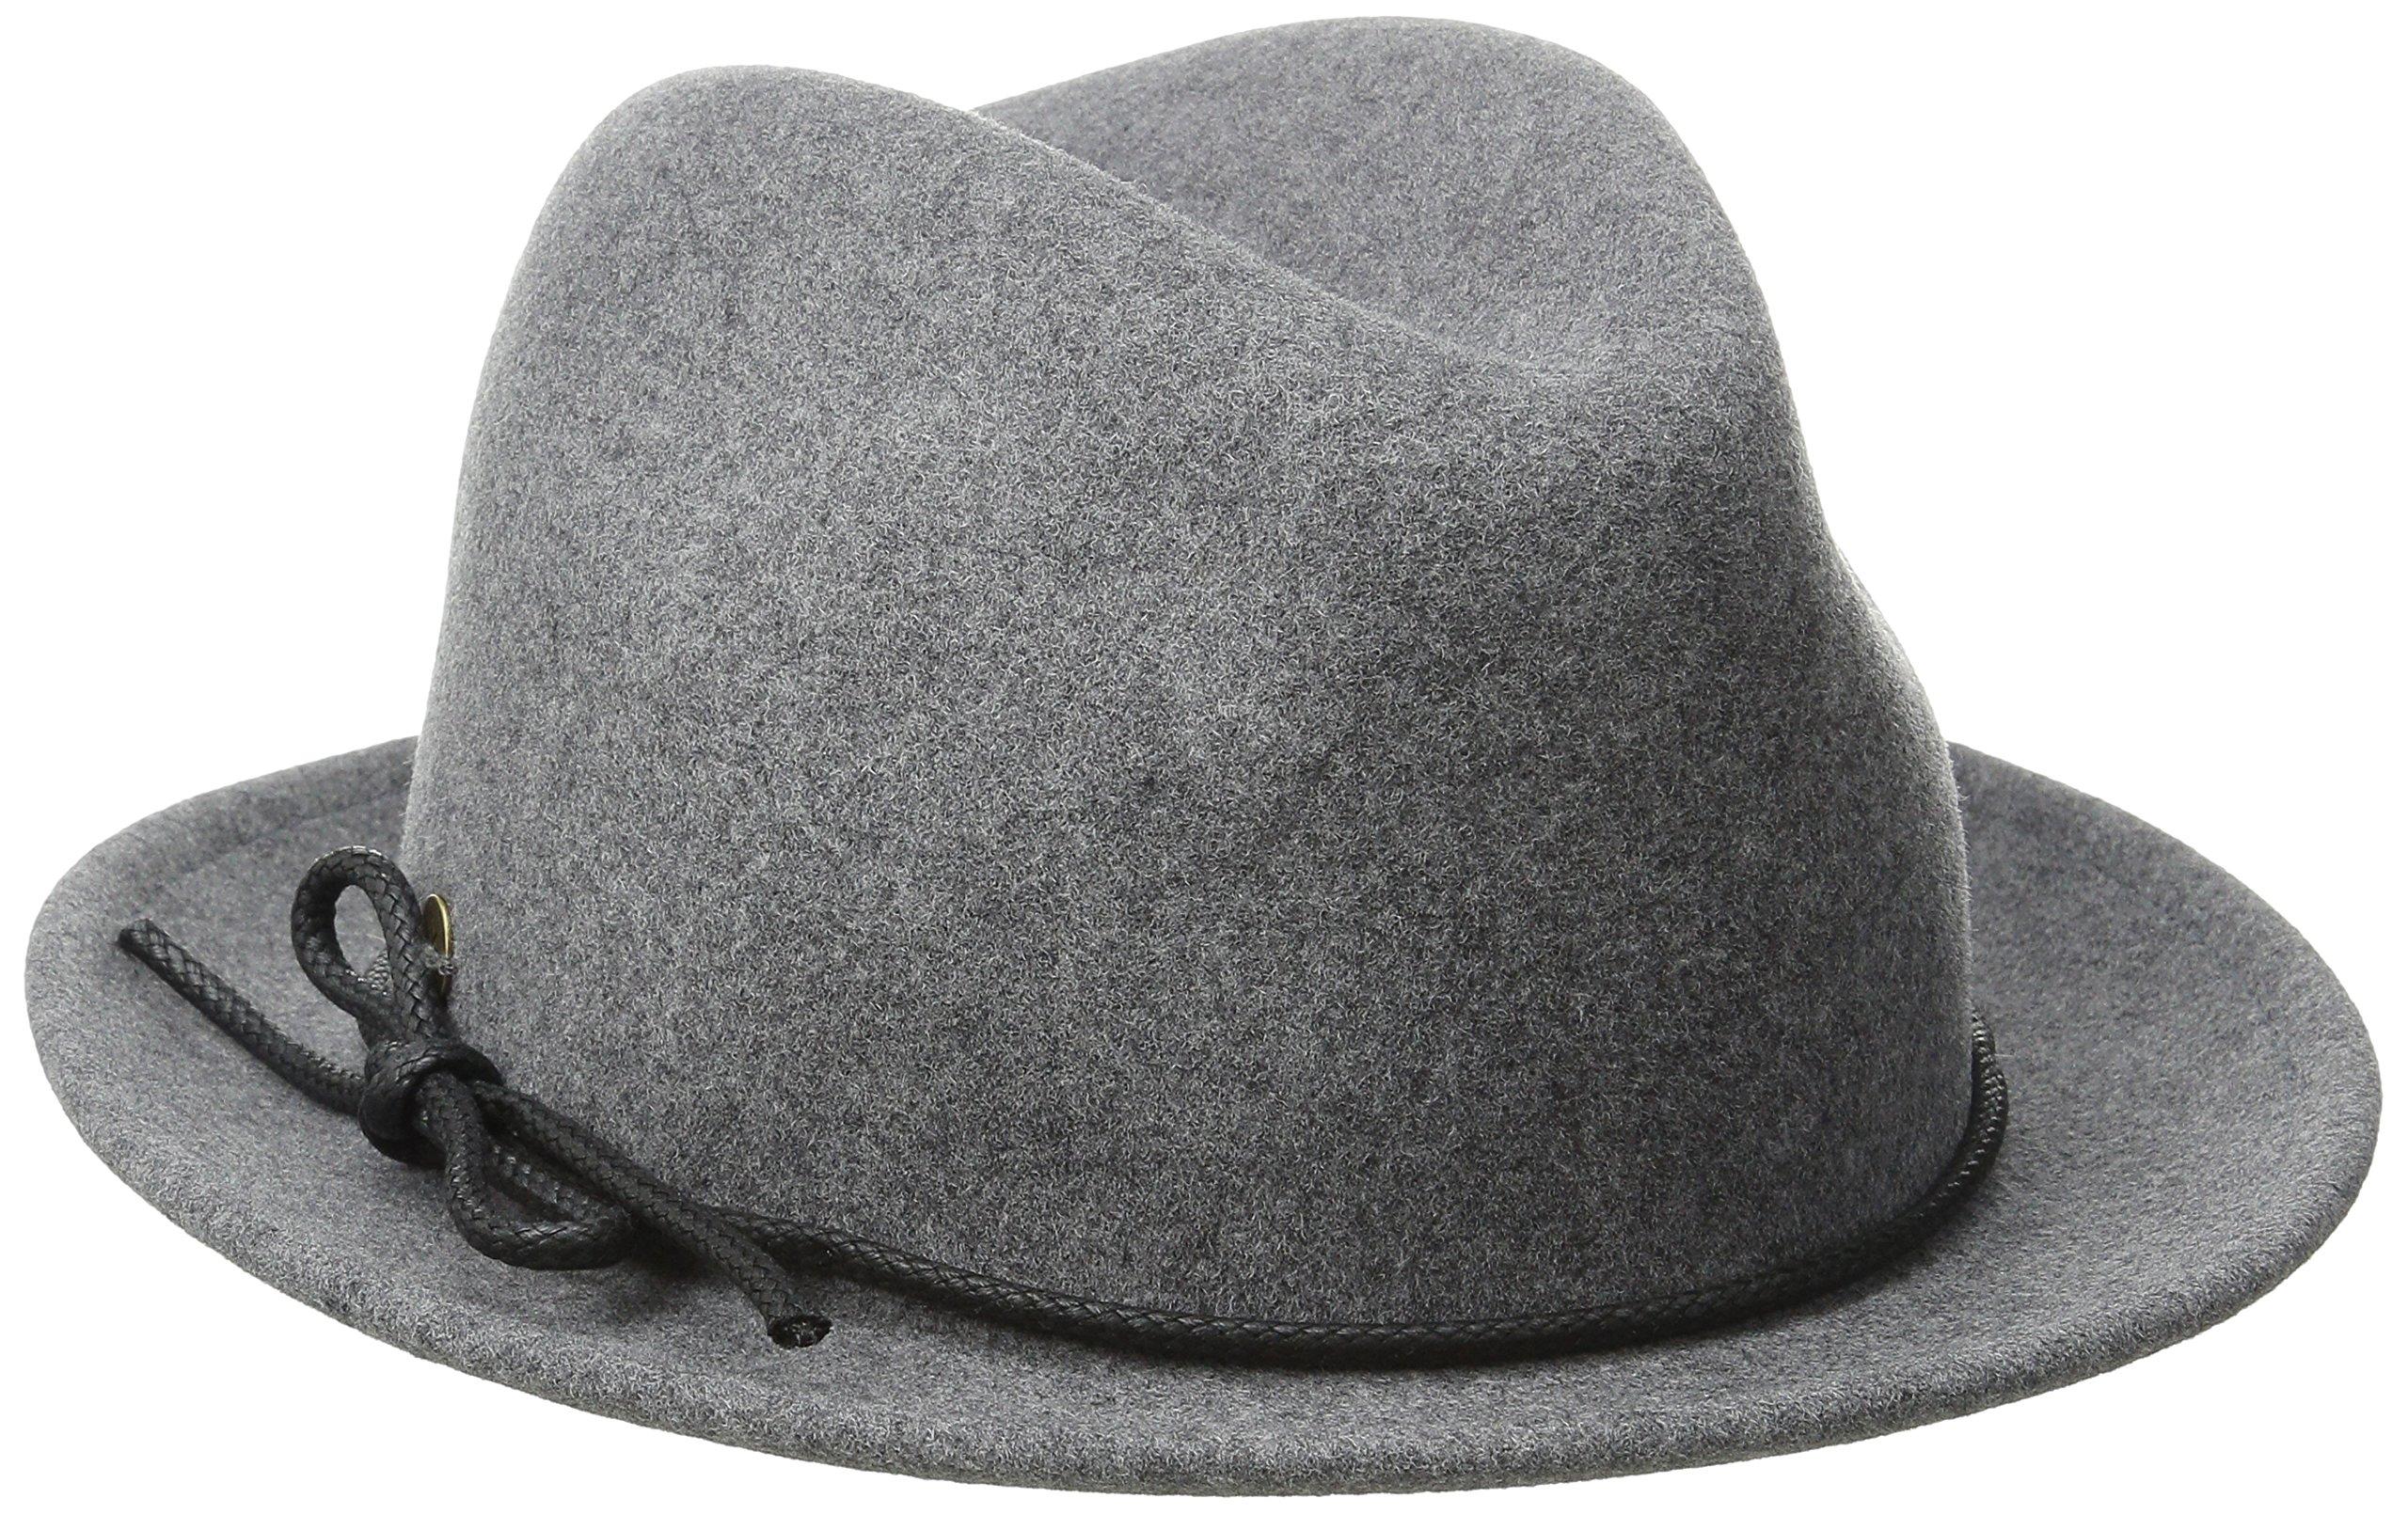 Karen Kane Women's Snapback Felt Fedora Hat, Slate Mix, Small/Medium by Karen Kane